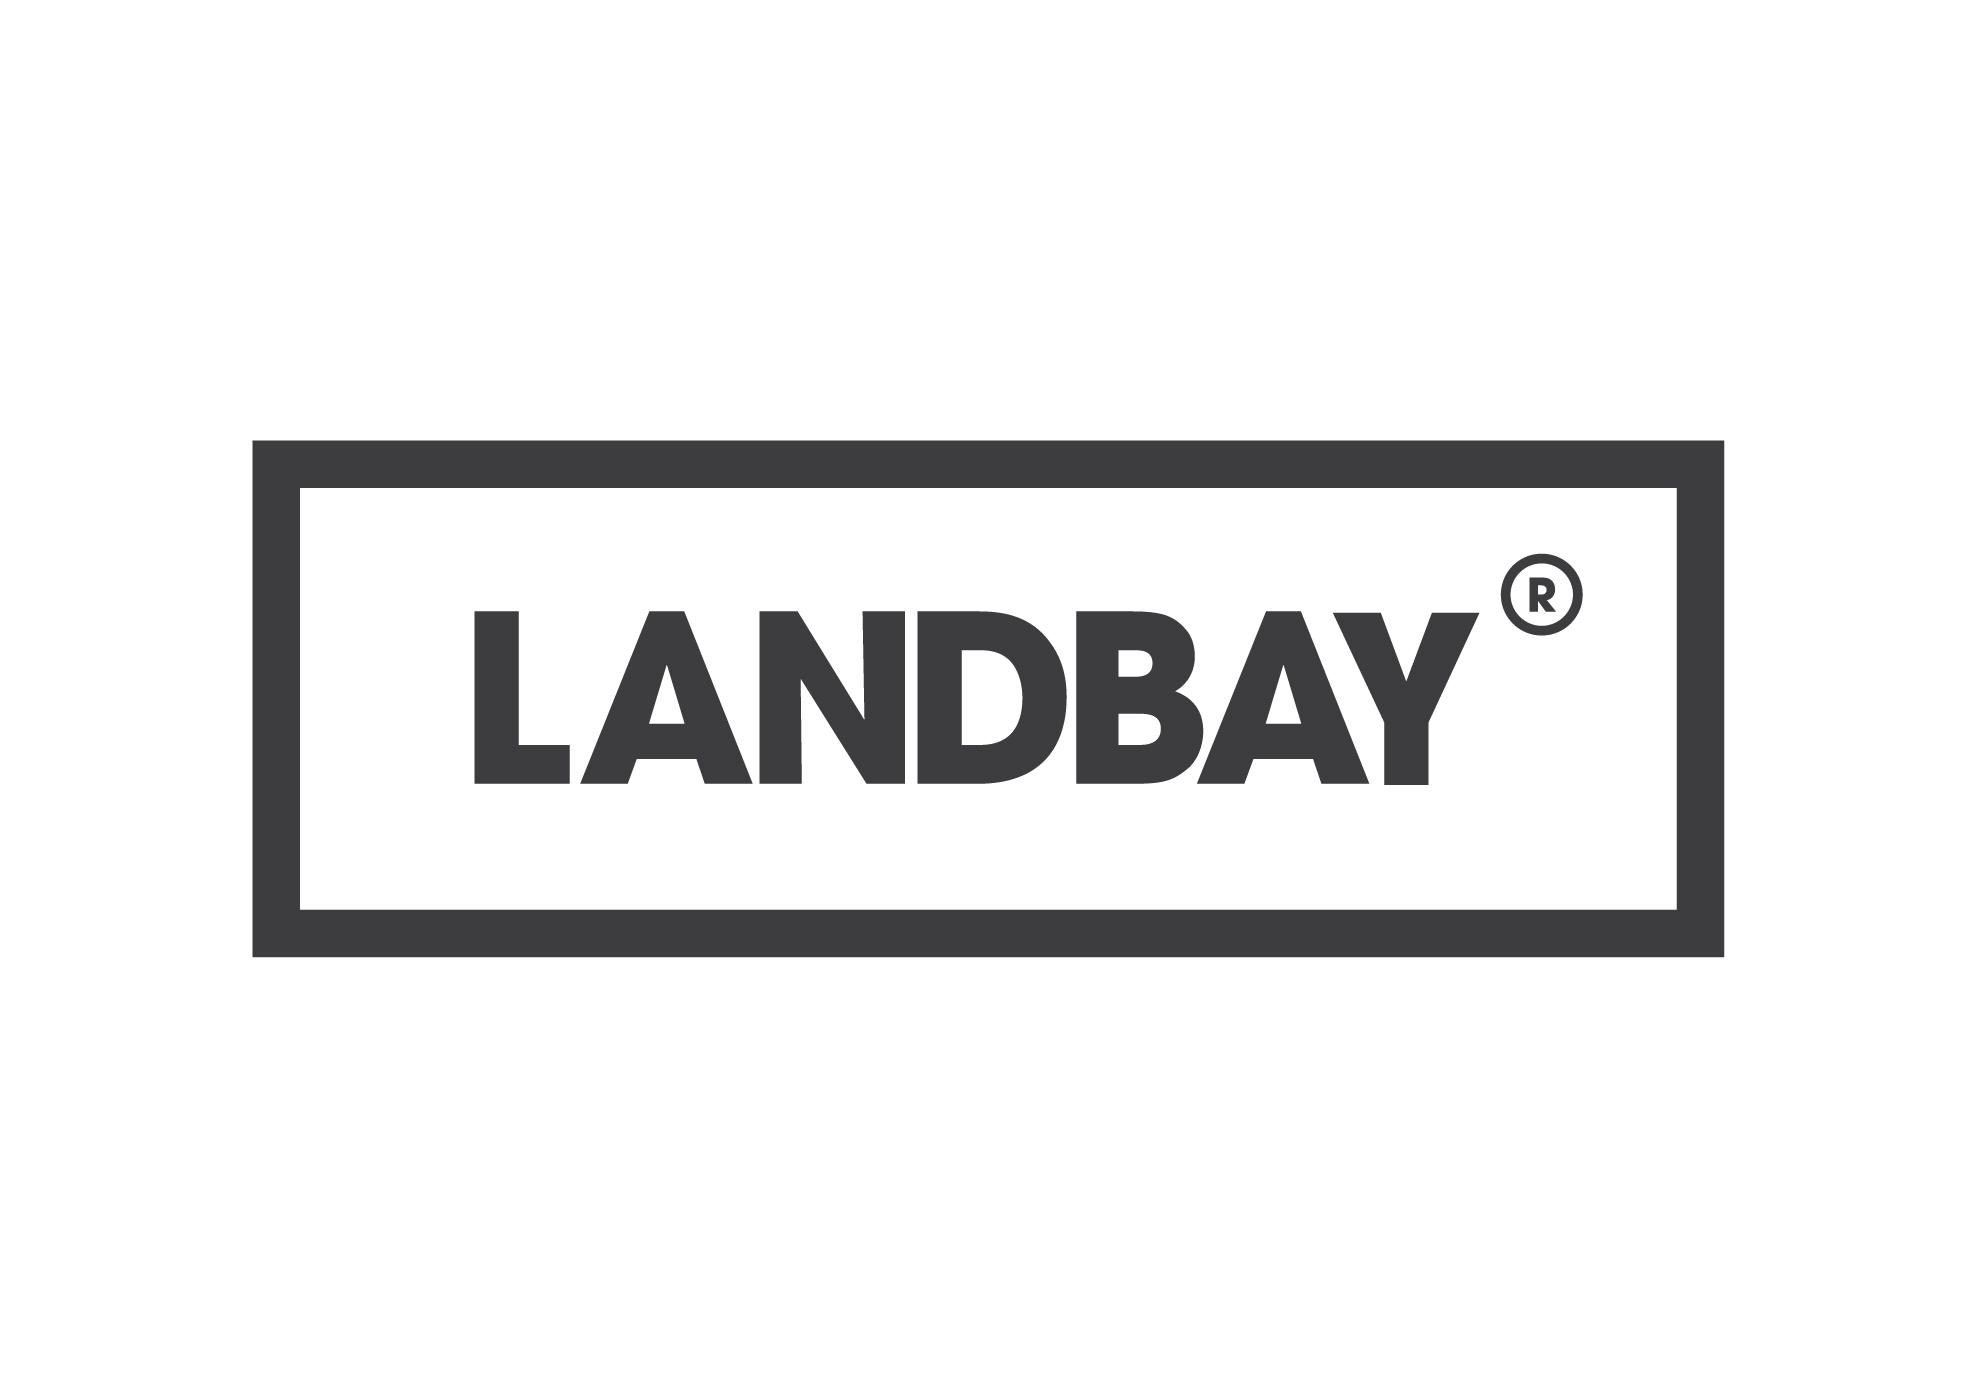 Landbay logo and solo tenants